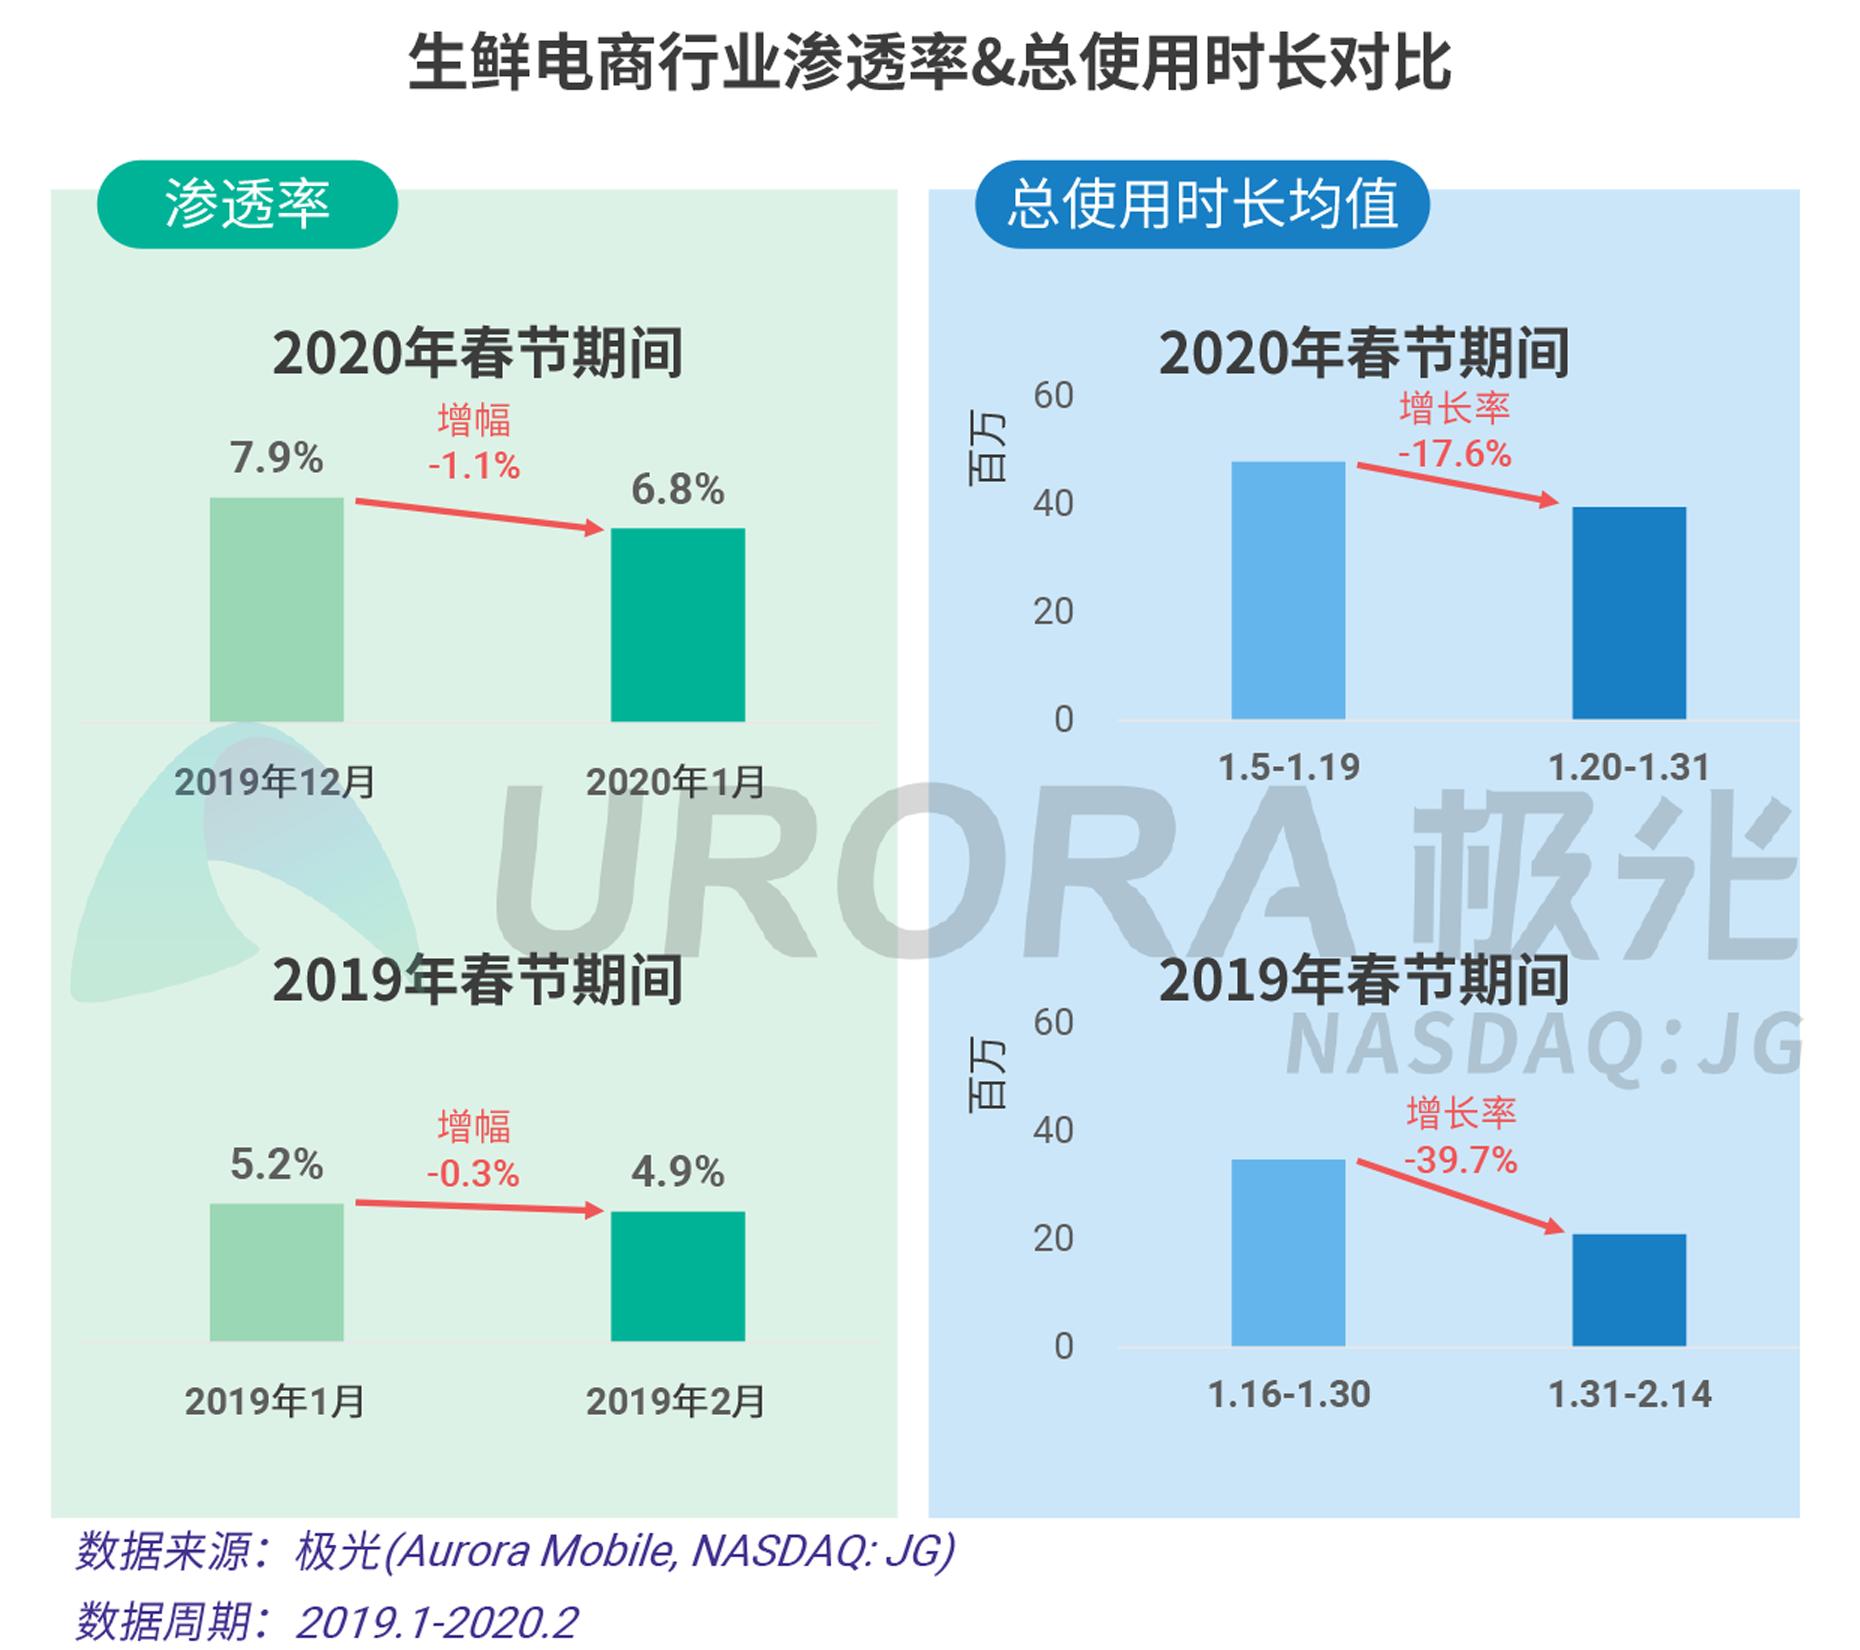 2020年春节移动互联行业热点观察V20-21.png